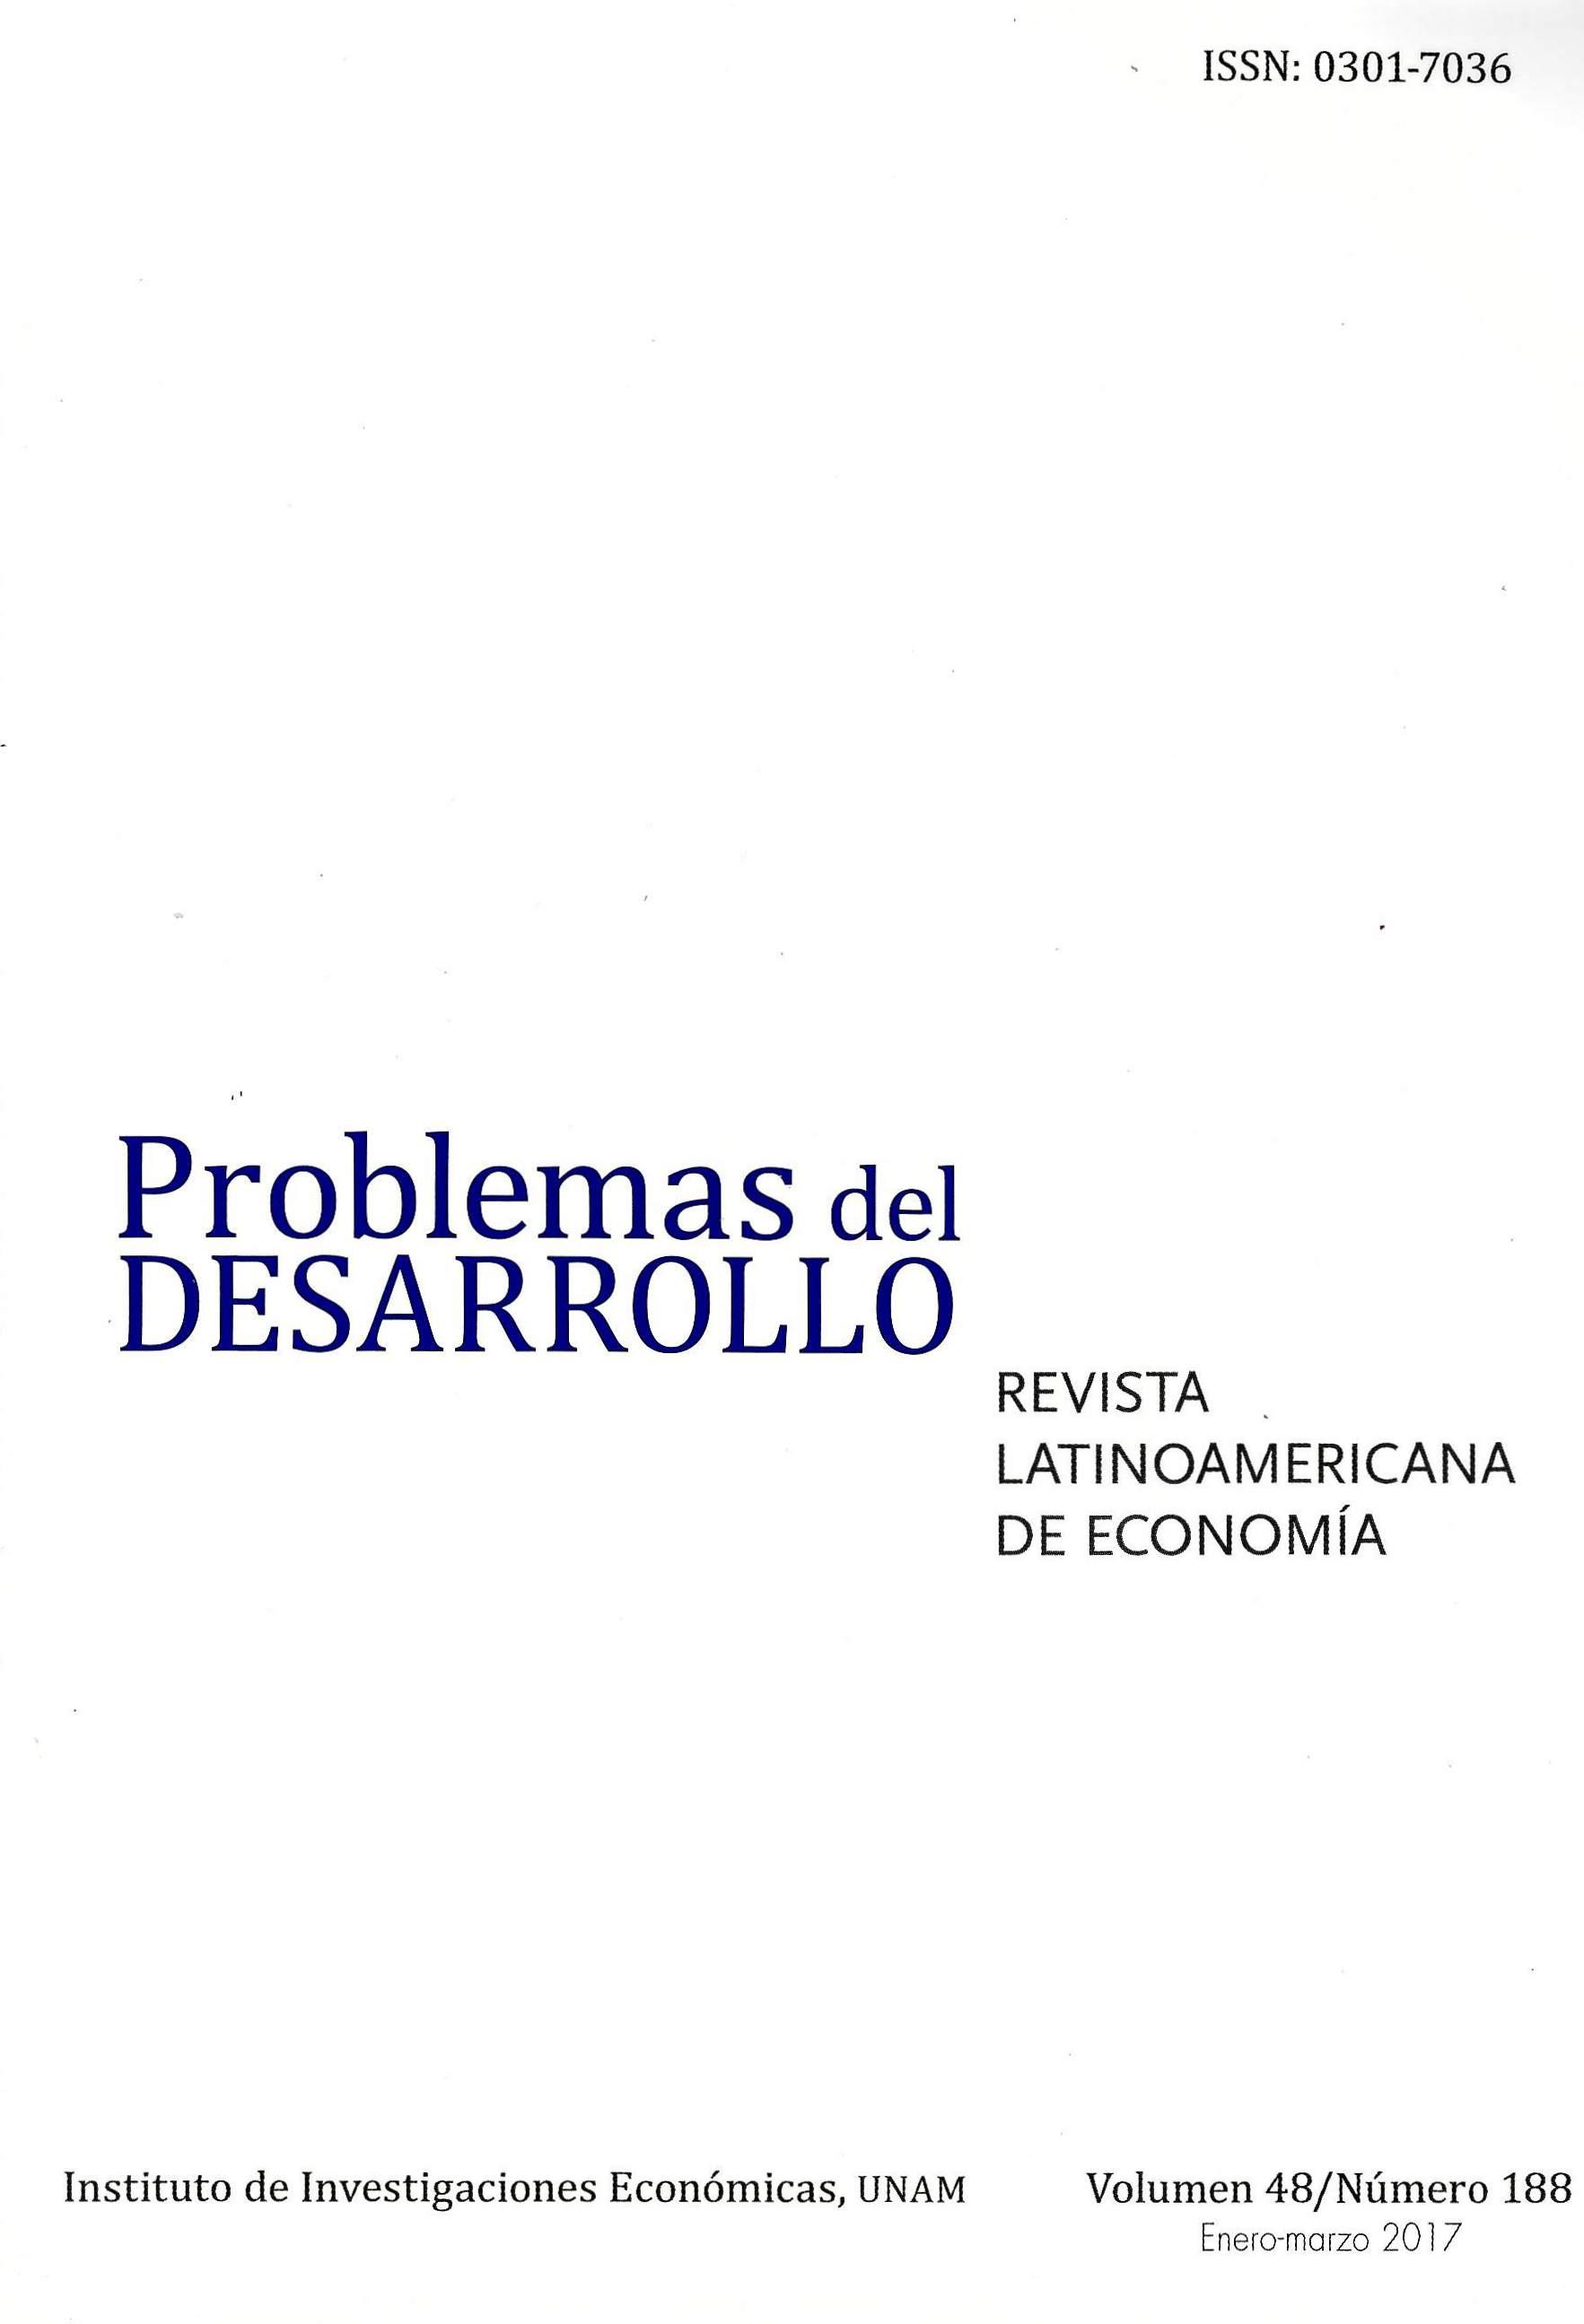 Problemas del Desarrollo. Revista latinoamericana de economía, vol. 48, núm. 188, enero-marzo de 2017